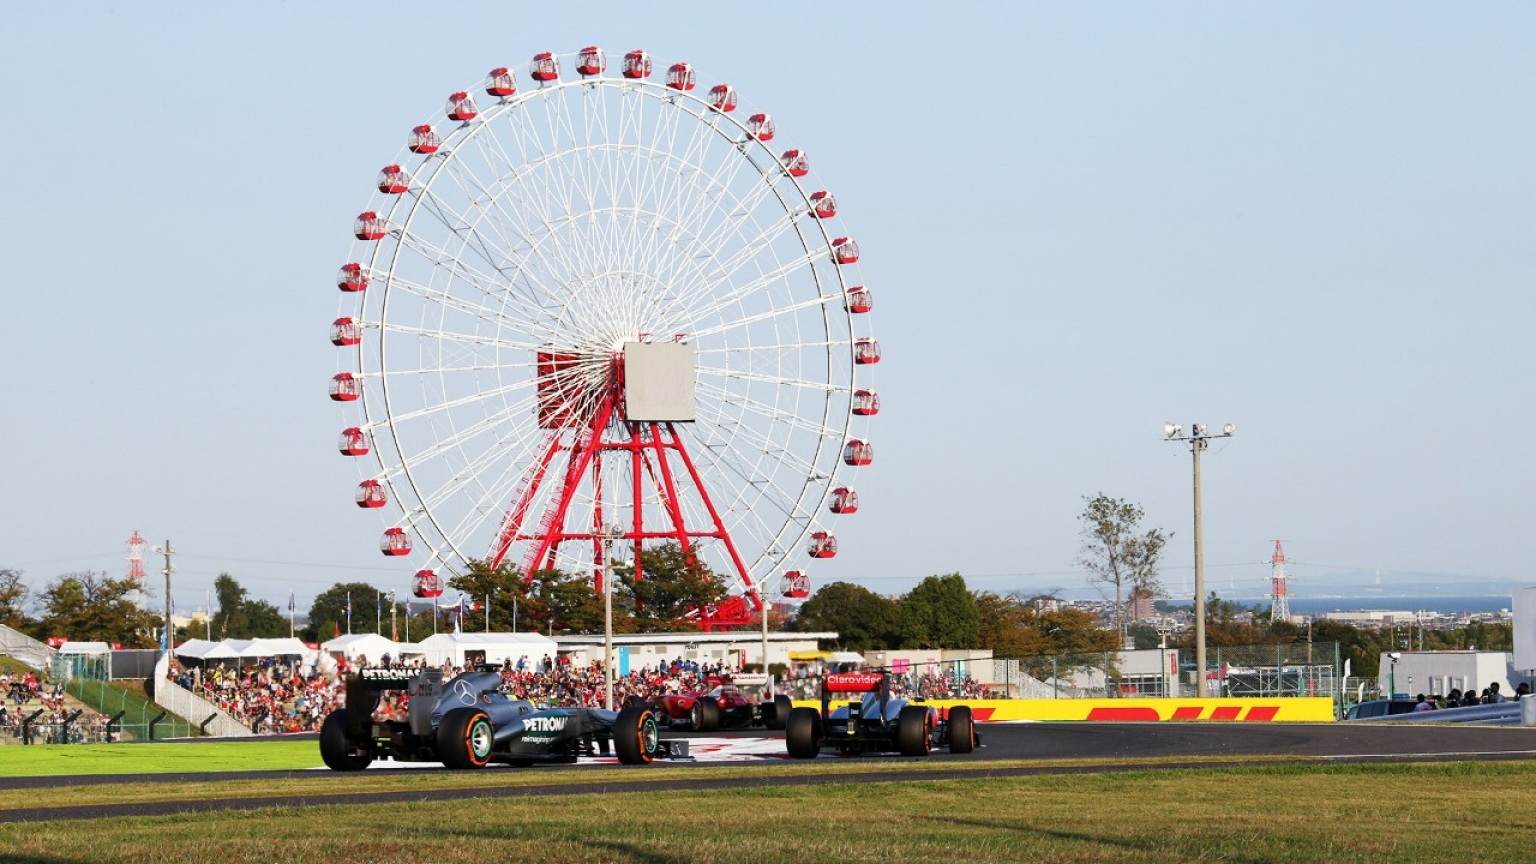 Foto do Circuito de Formula 1 da Japão, Suzuka - foto by http://f1madness.co.za